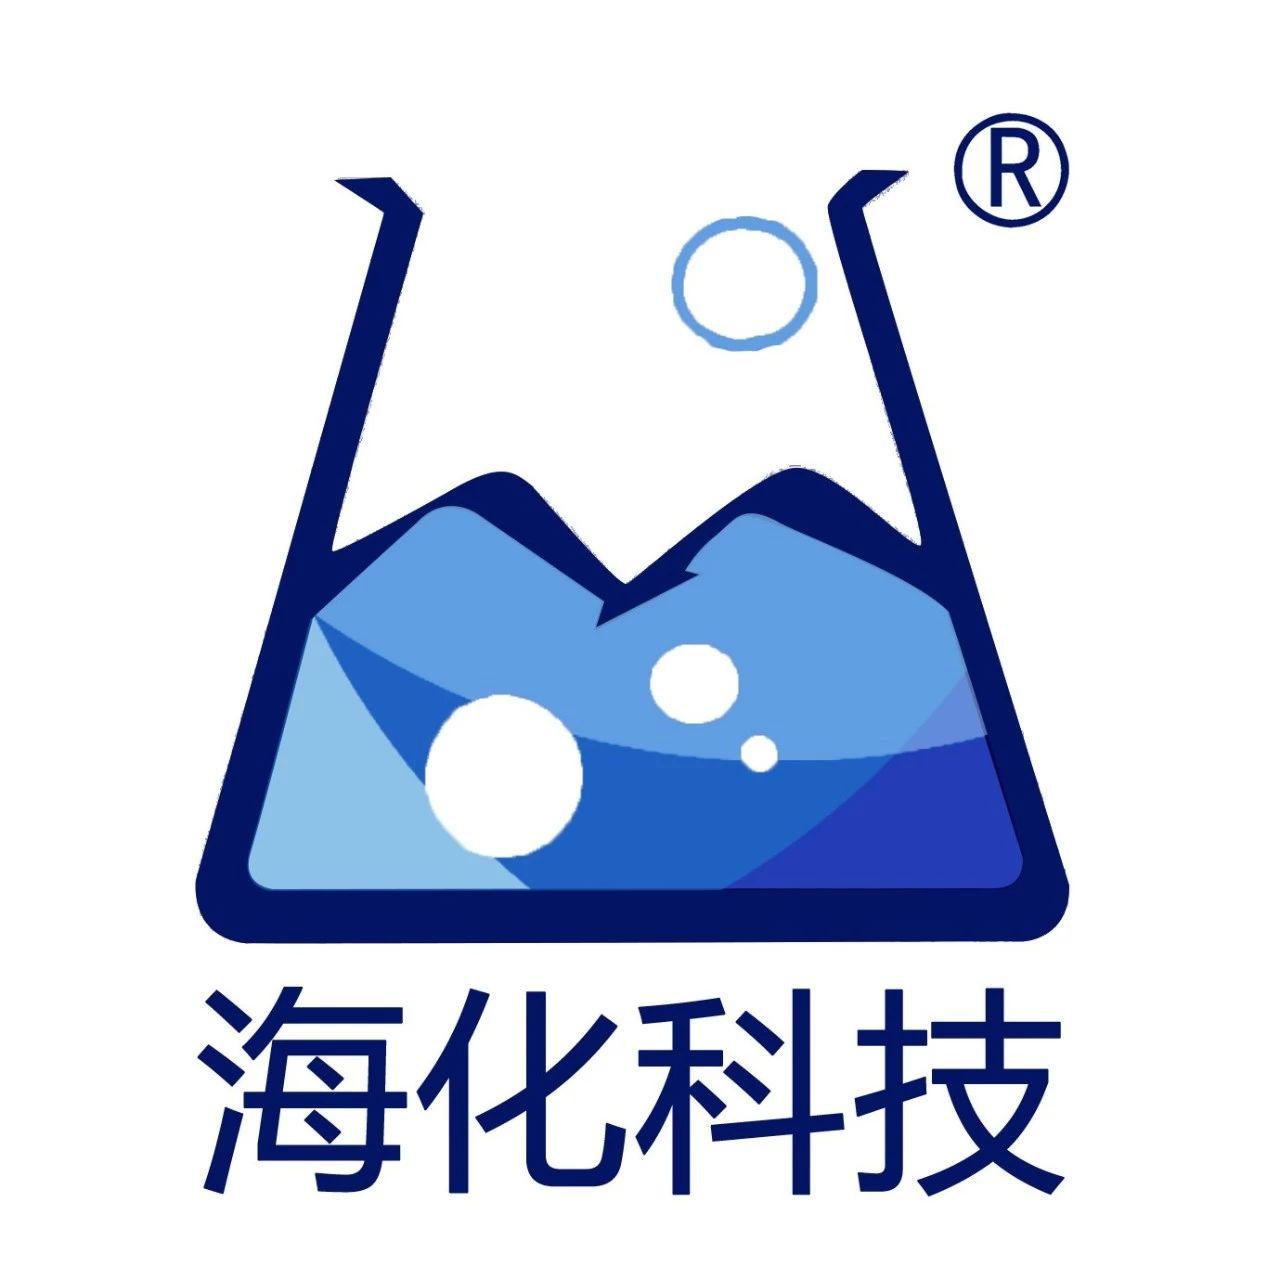 海化科技 | 专注品质 · 创造未来